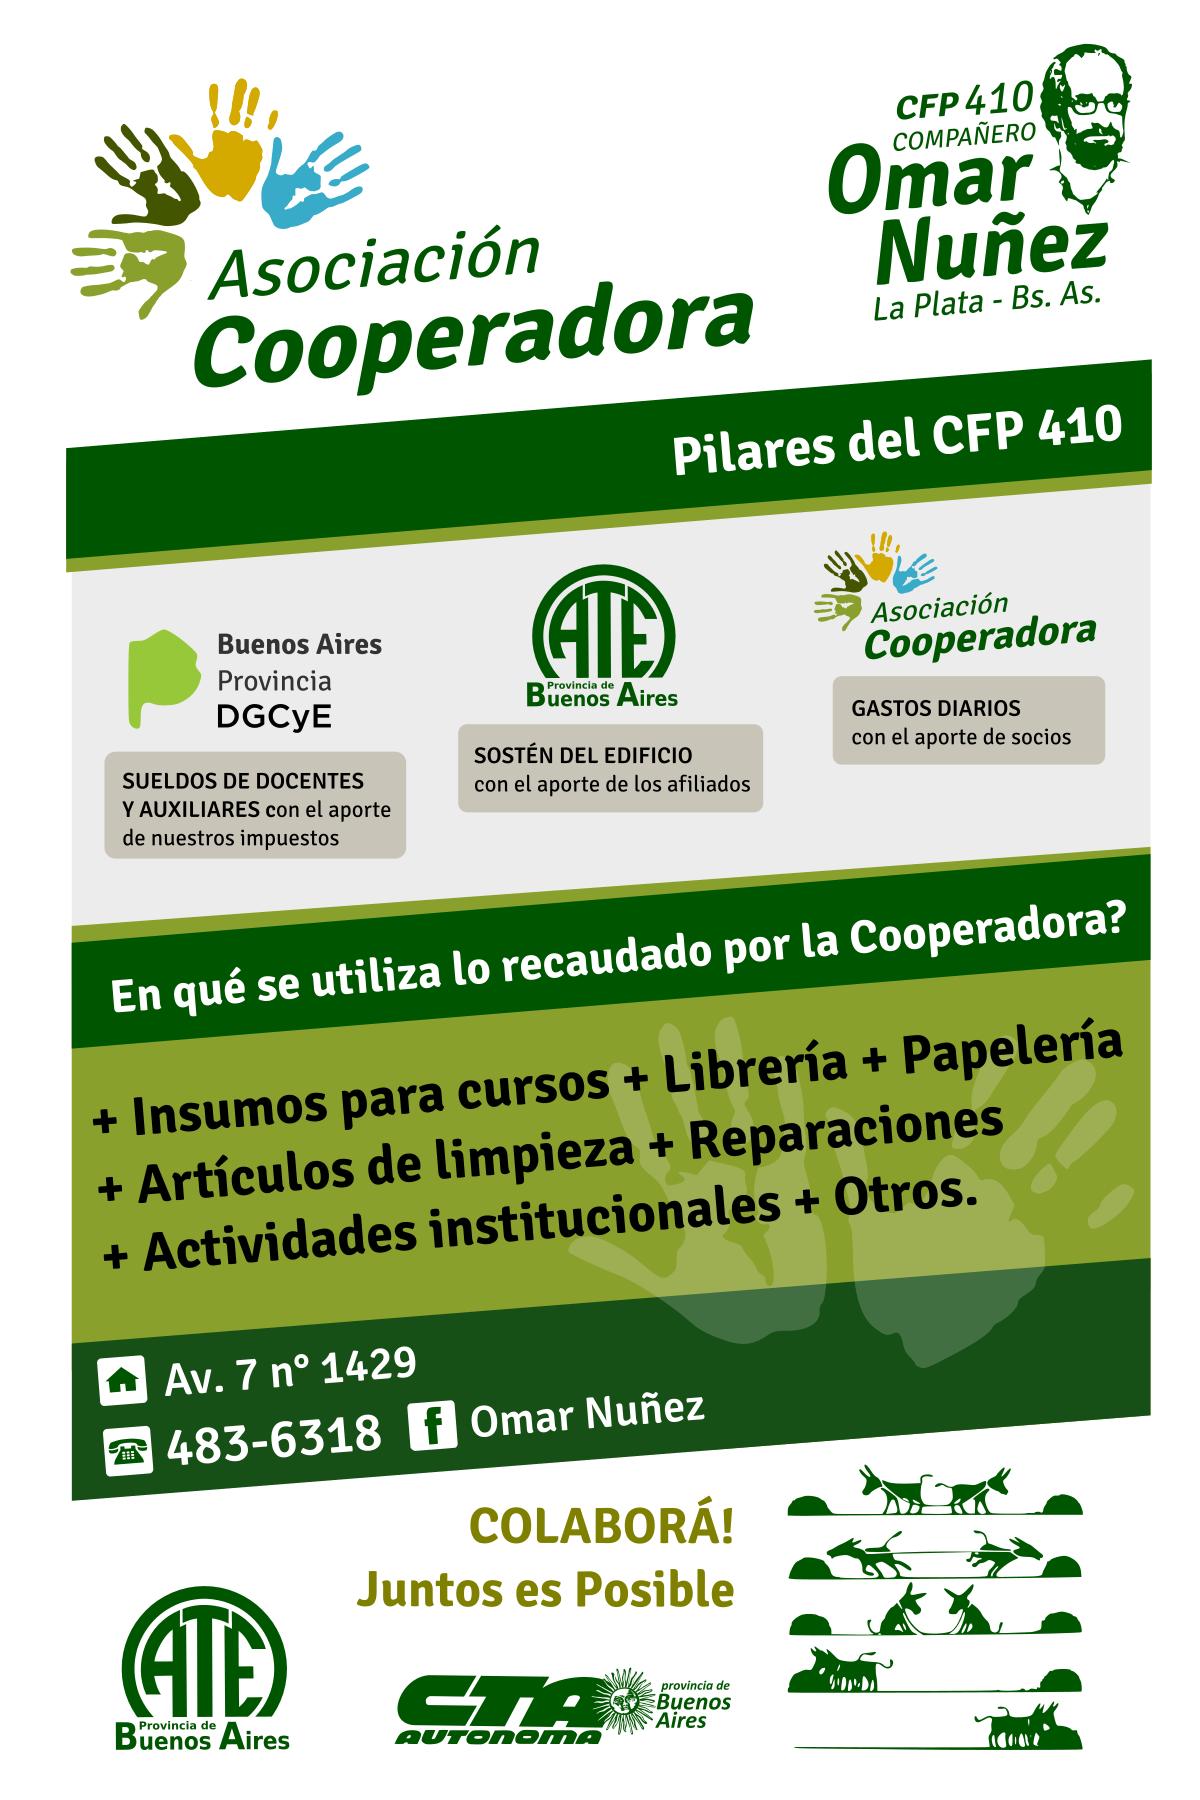 Funcionamiento de la Asociación Cooperadora del CFP 410